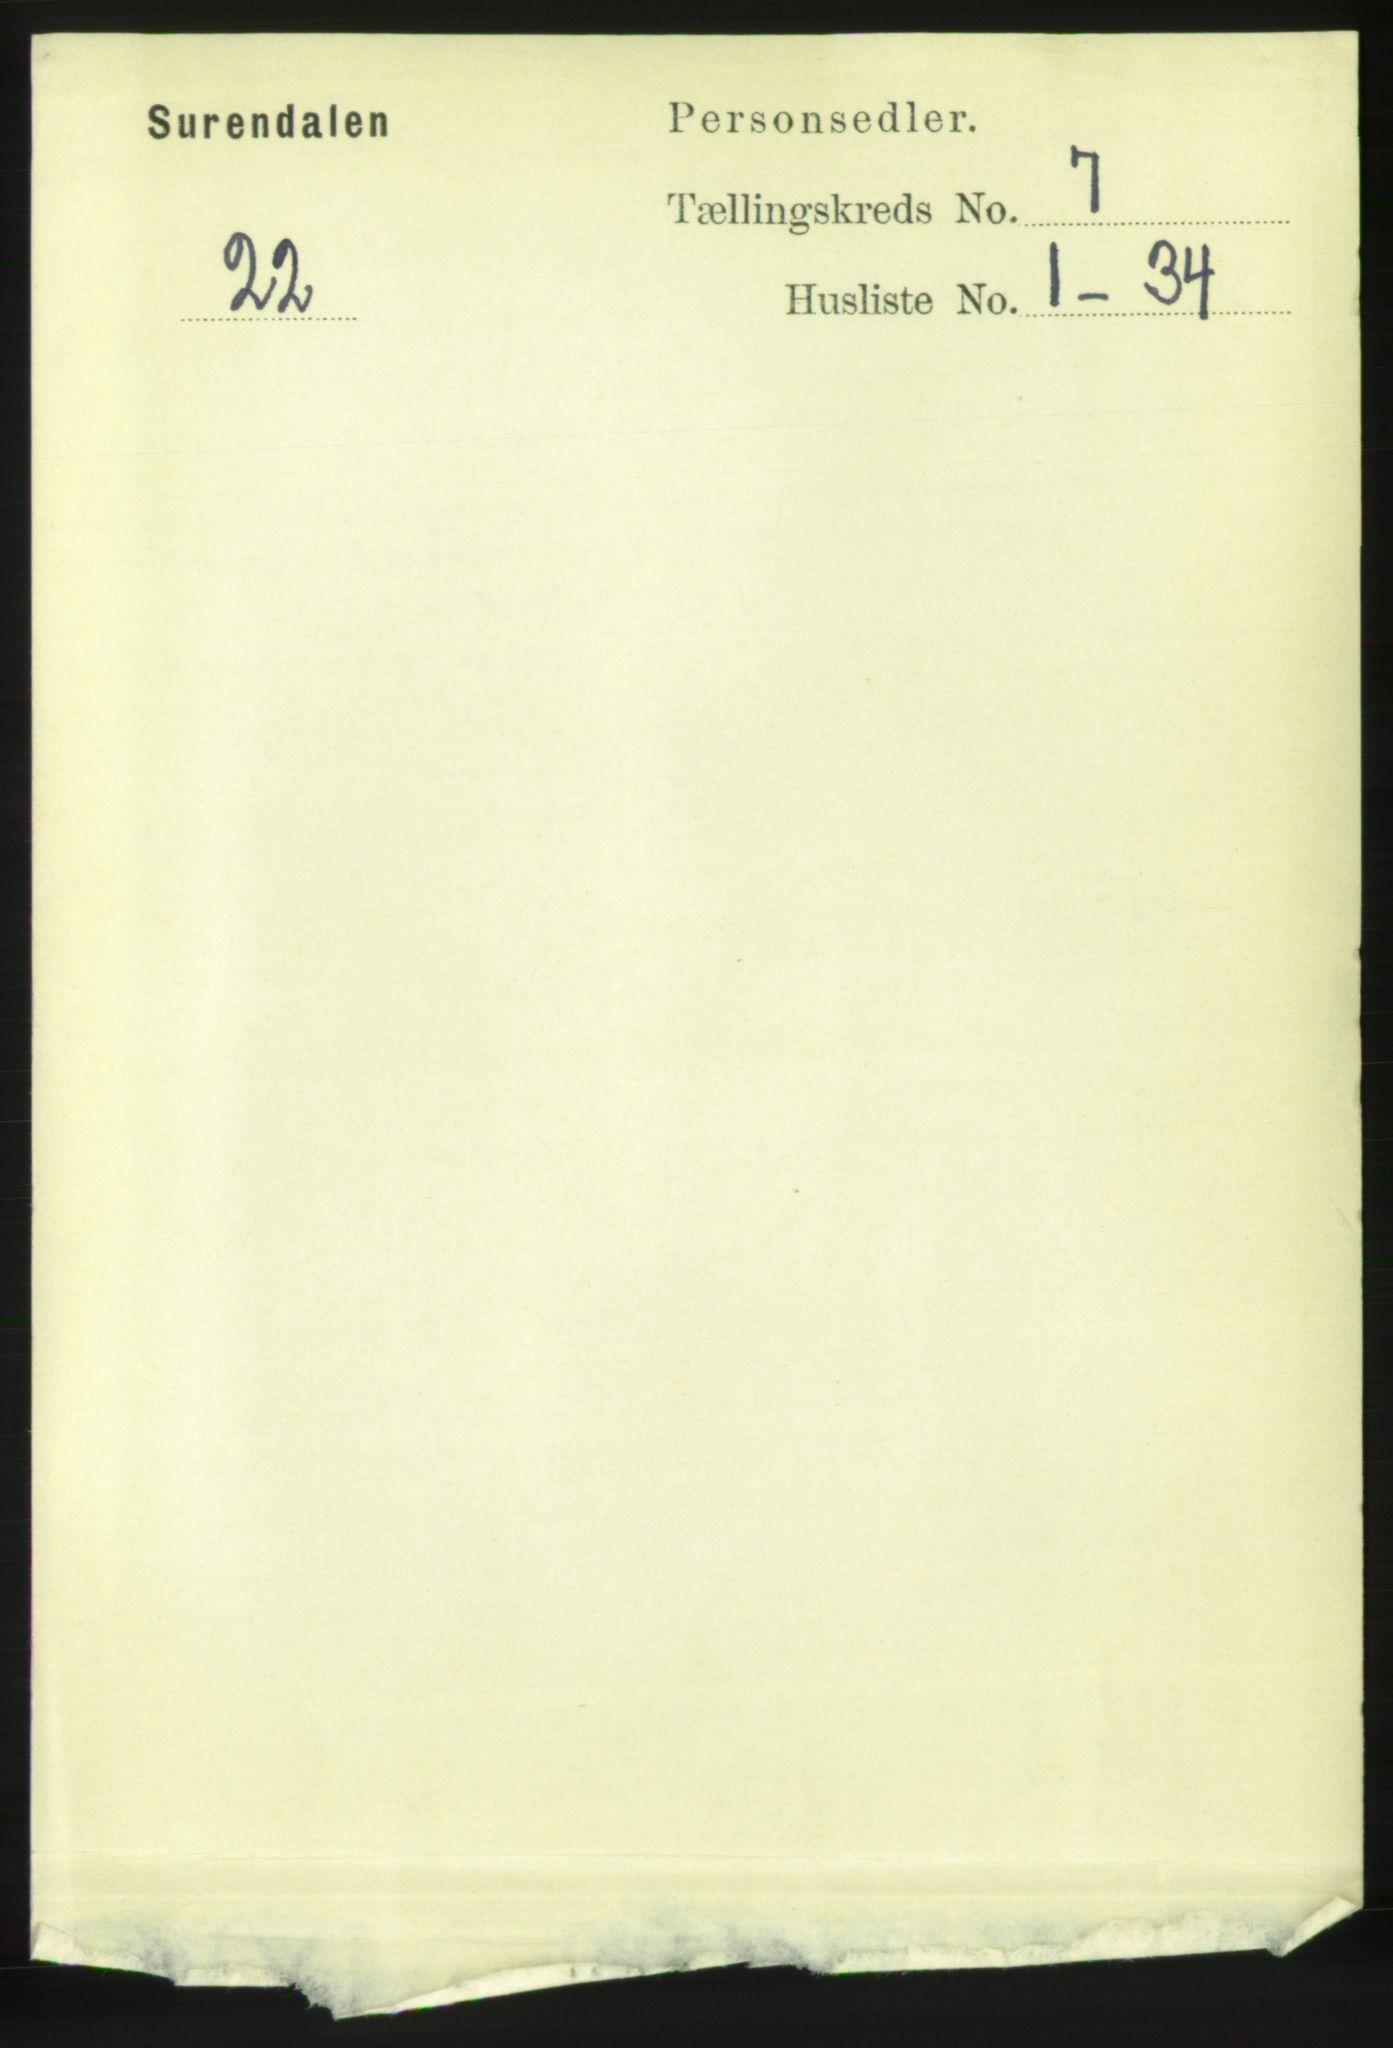 RA, Folketelling 1891 for 1566 Surnadal herred, 1891, s. 1844